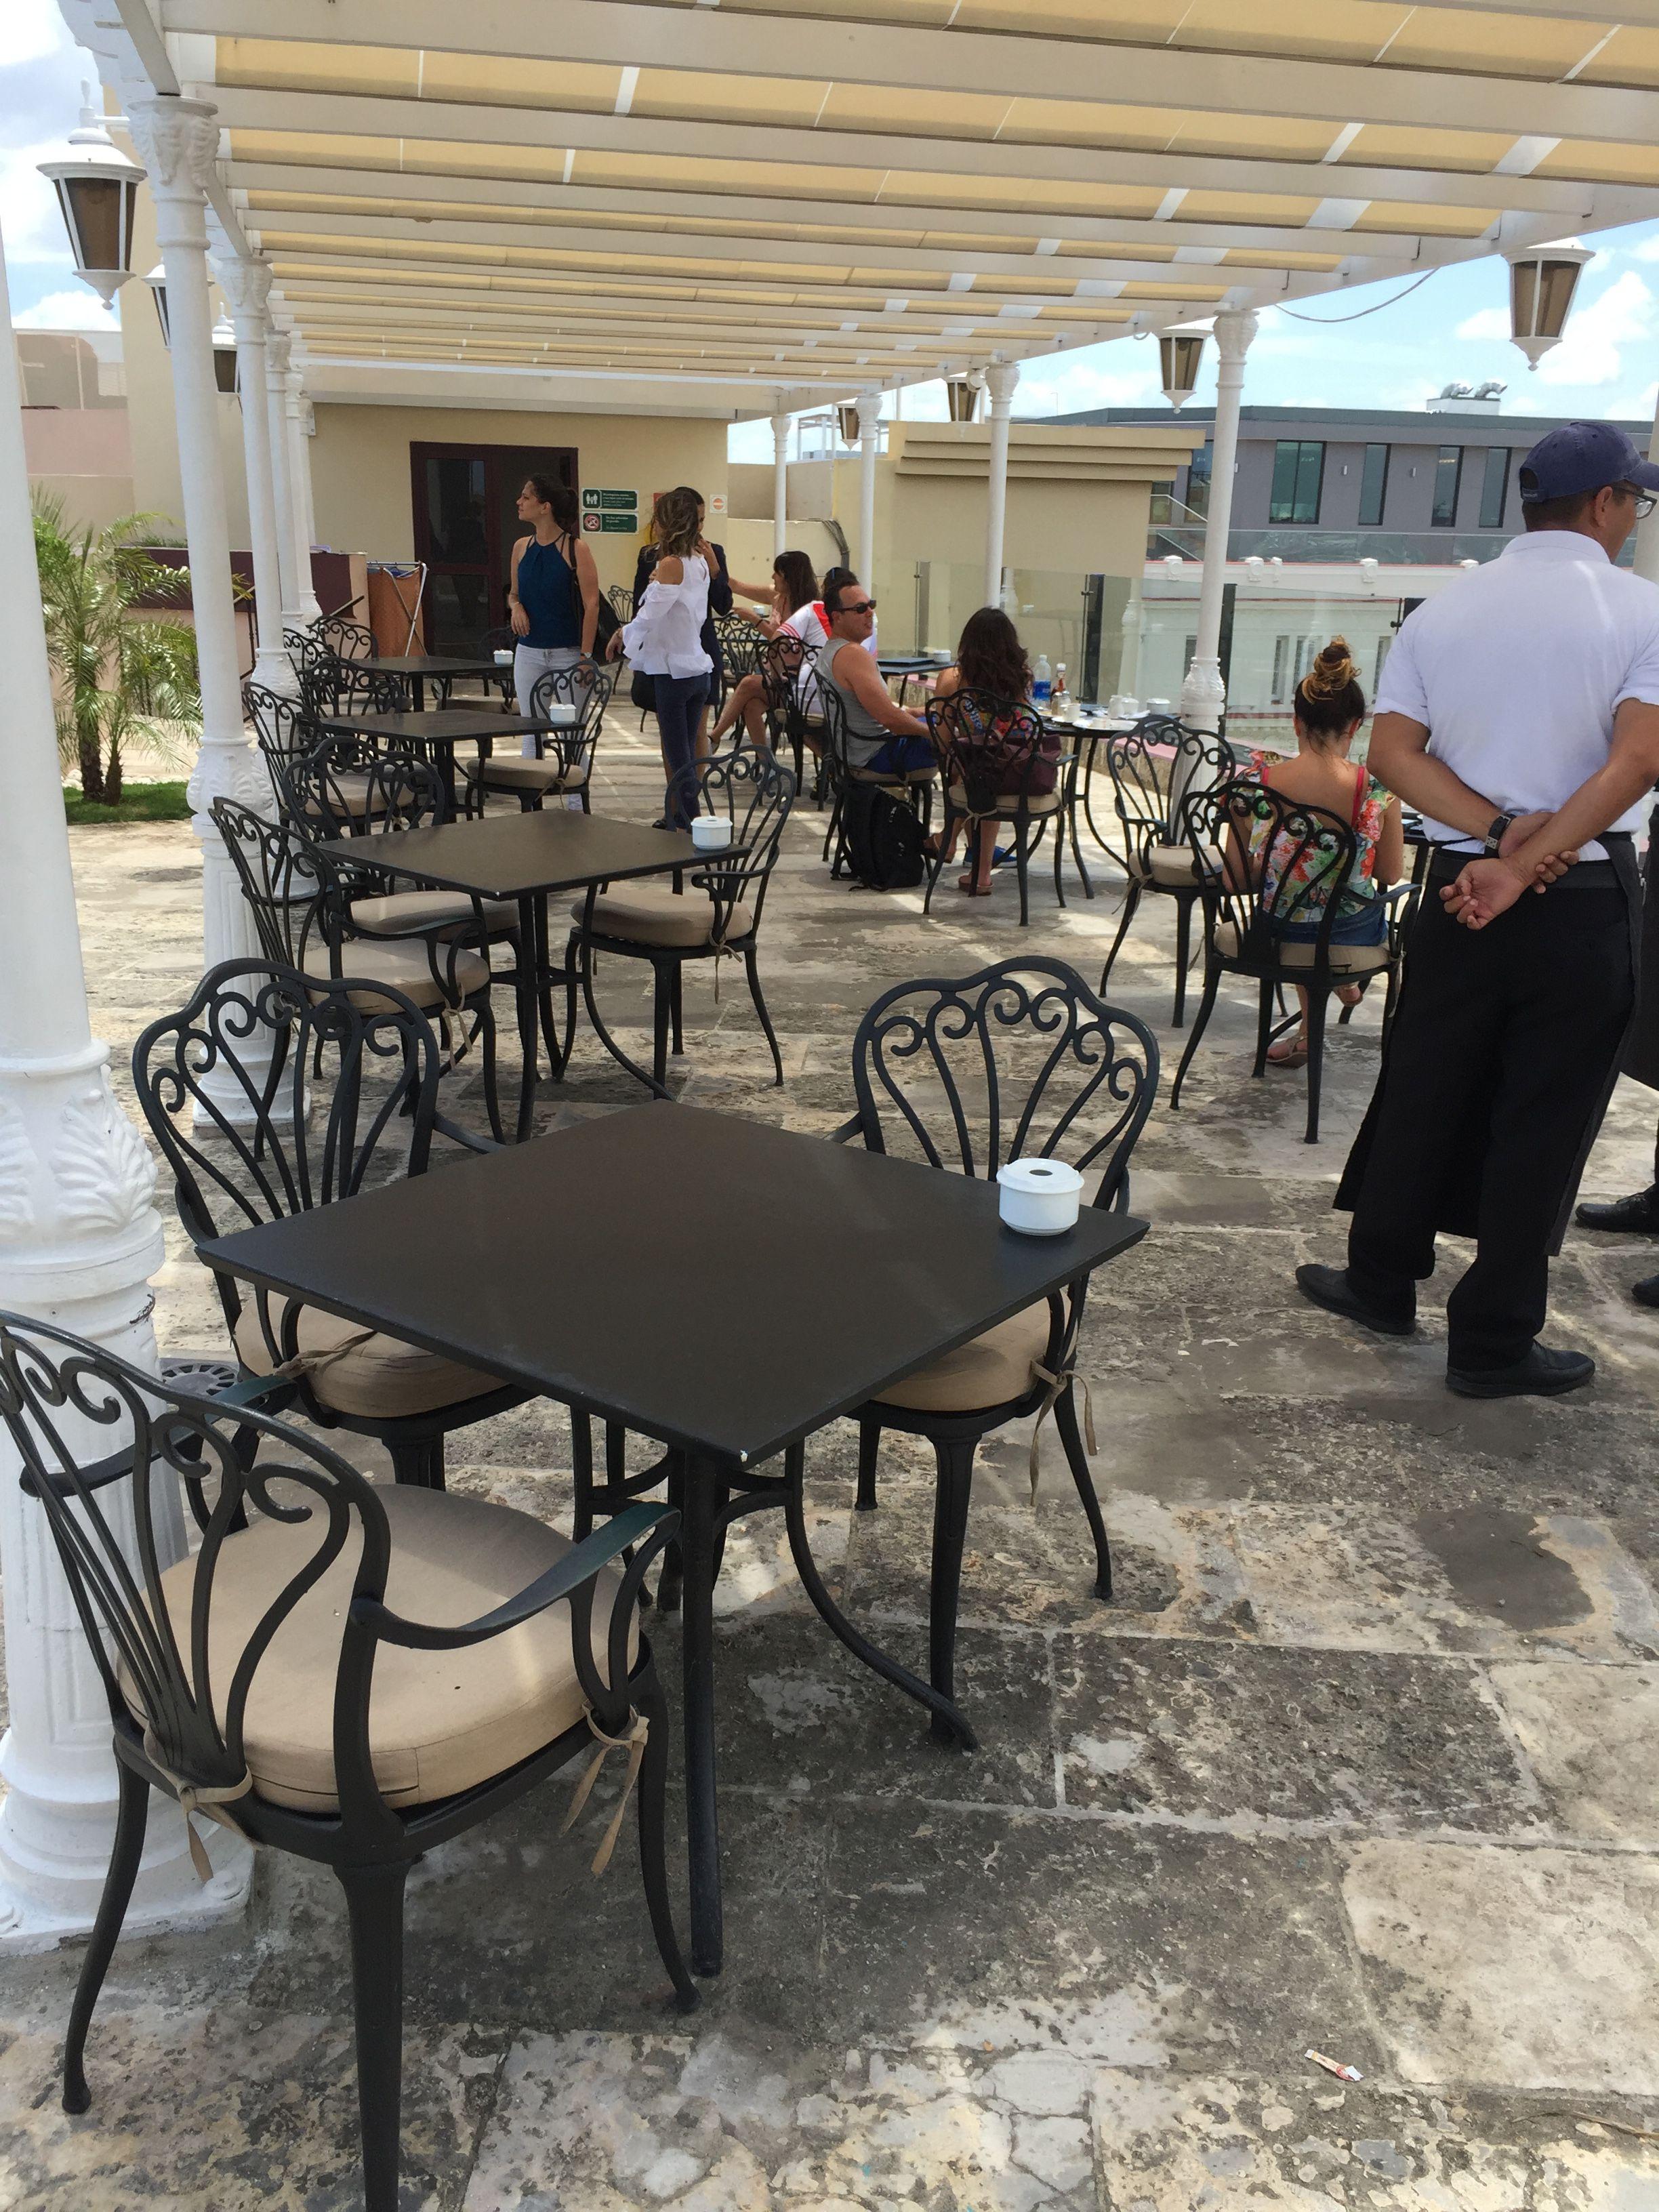 Terraza Del Hotel Parque Central Hotel Del Parque